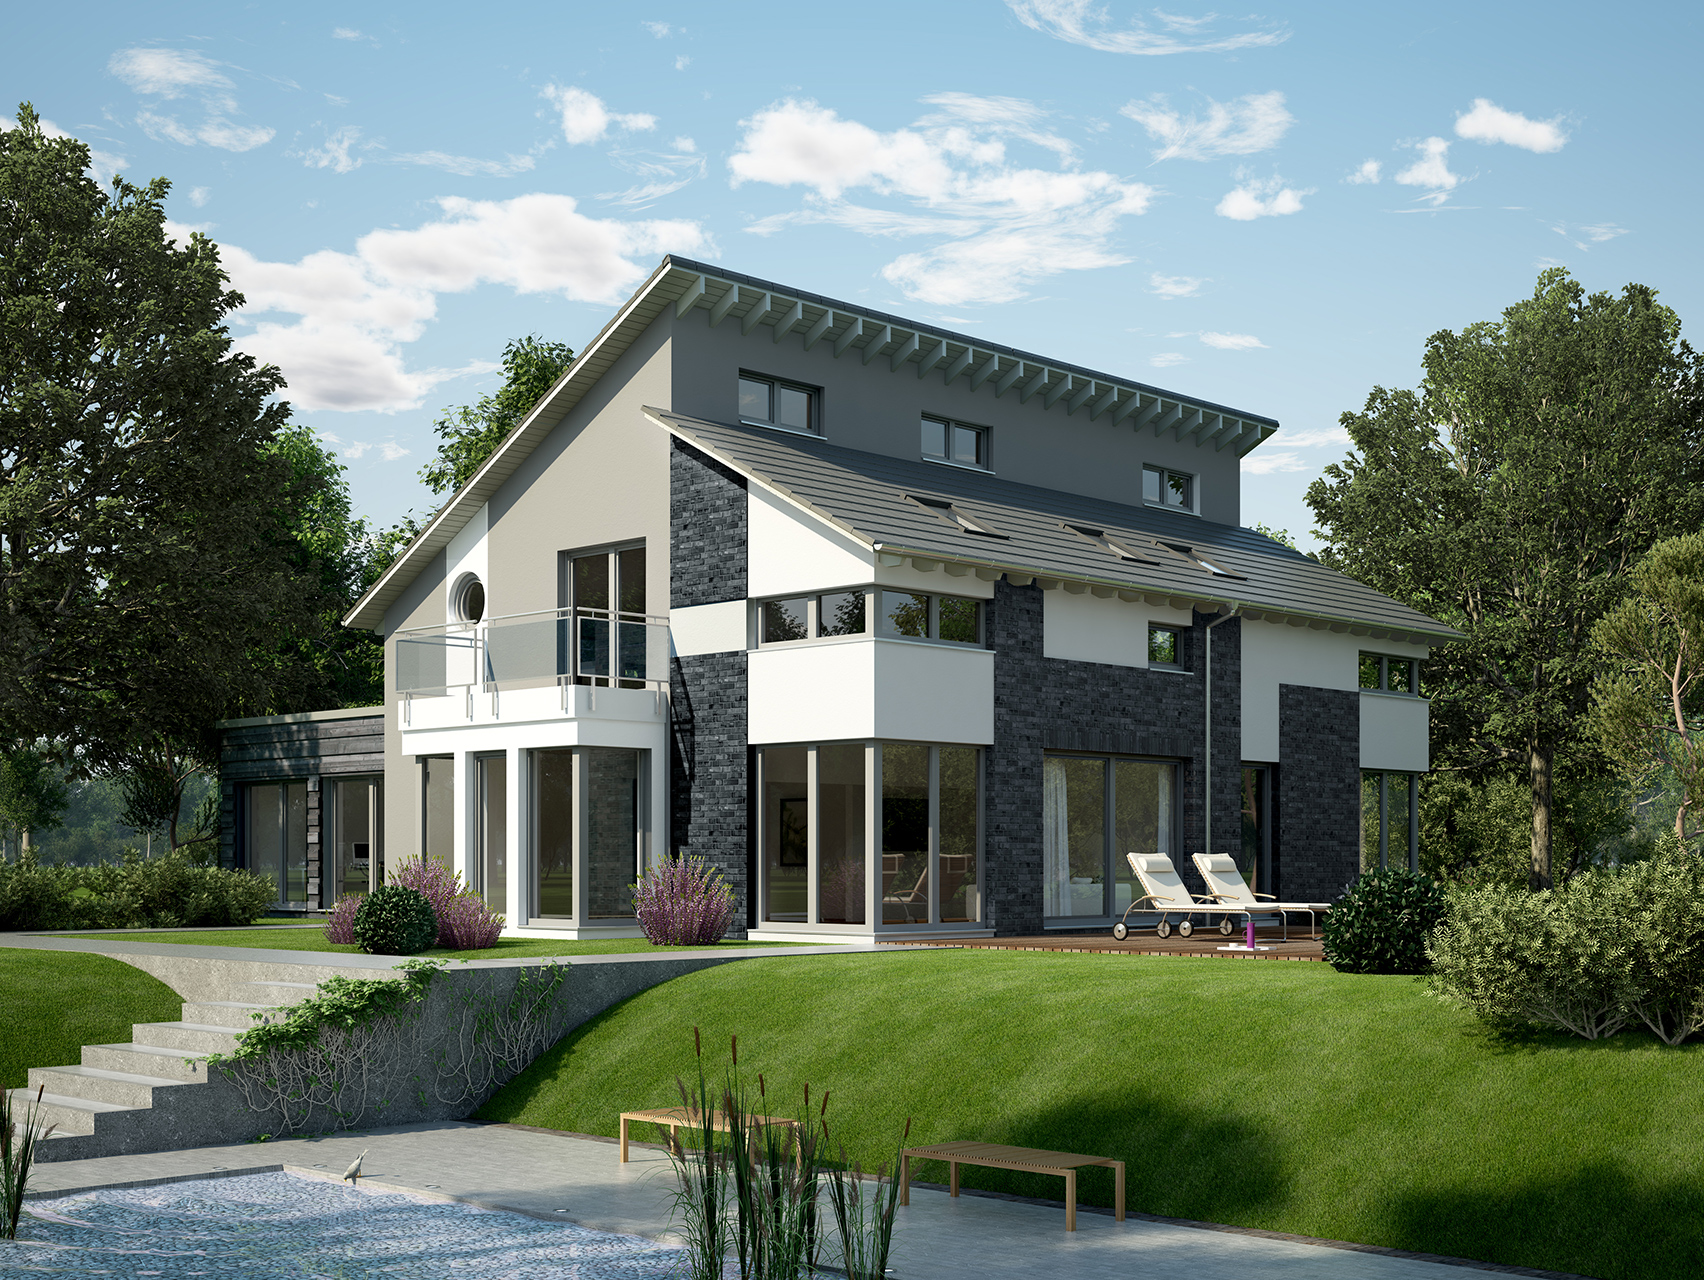 Haus mit einliegerwohnung anbau  planungsvorschlag_Doppelpultdach-und-Anbau_FN104-134BV4_43_9sp_1704x1280.jpg